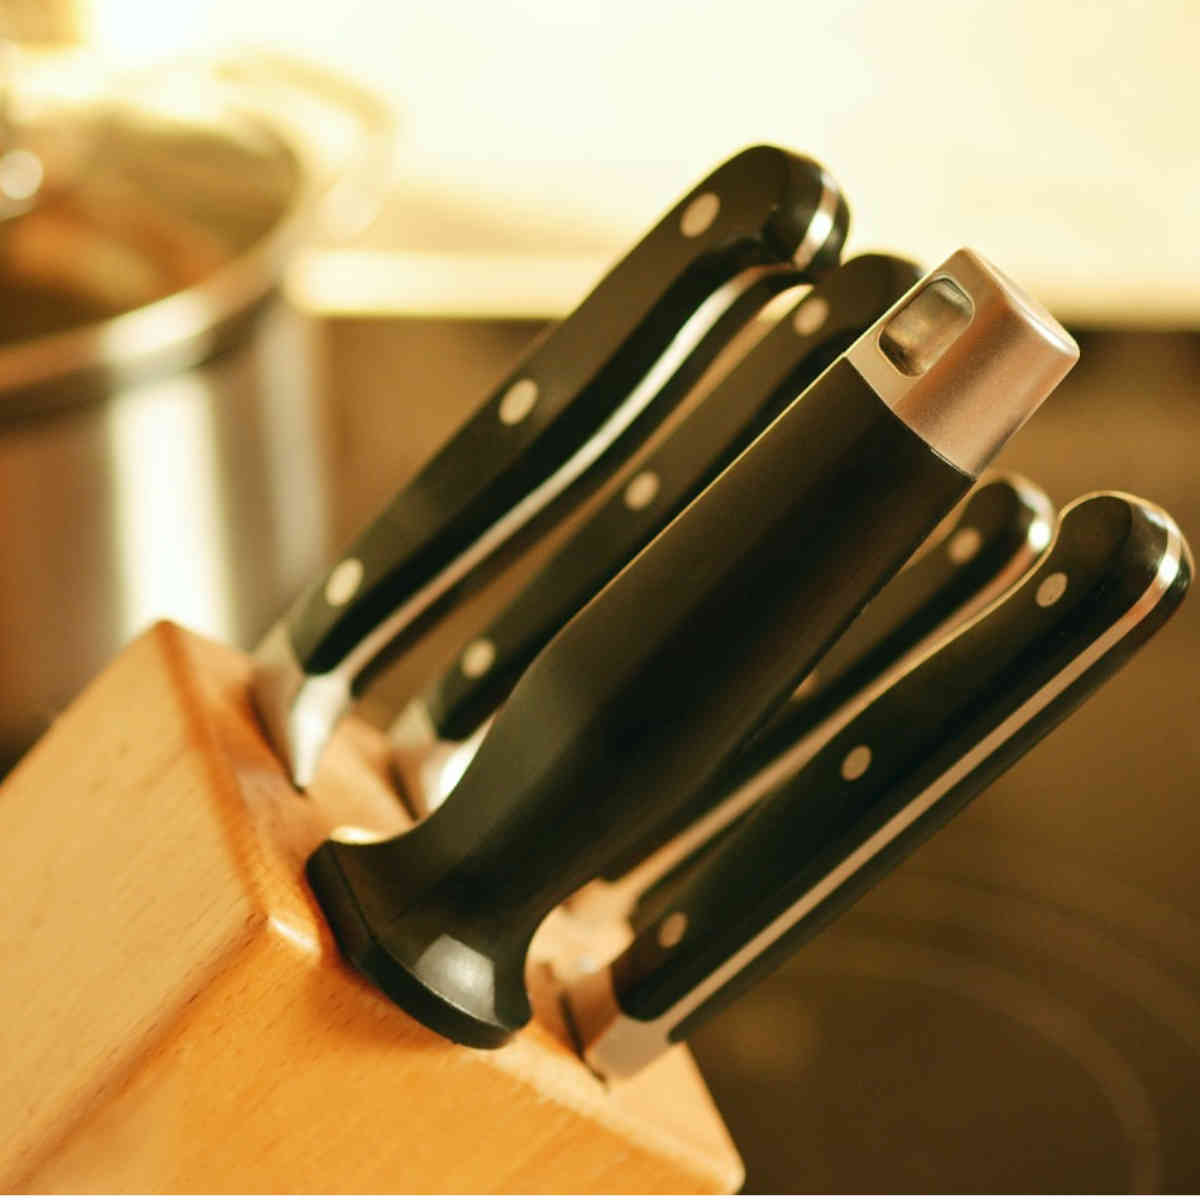 Todo lo que necesitas saber Cuchillos de cocina